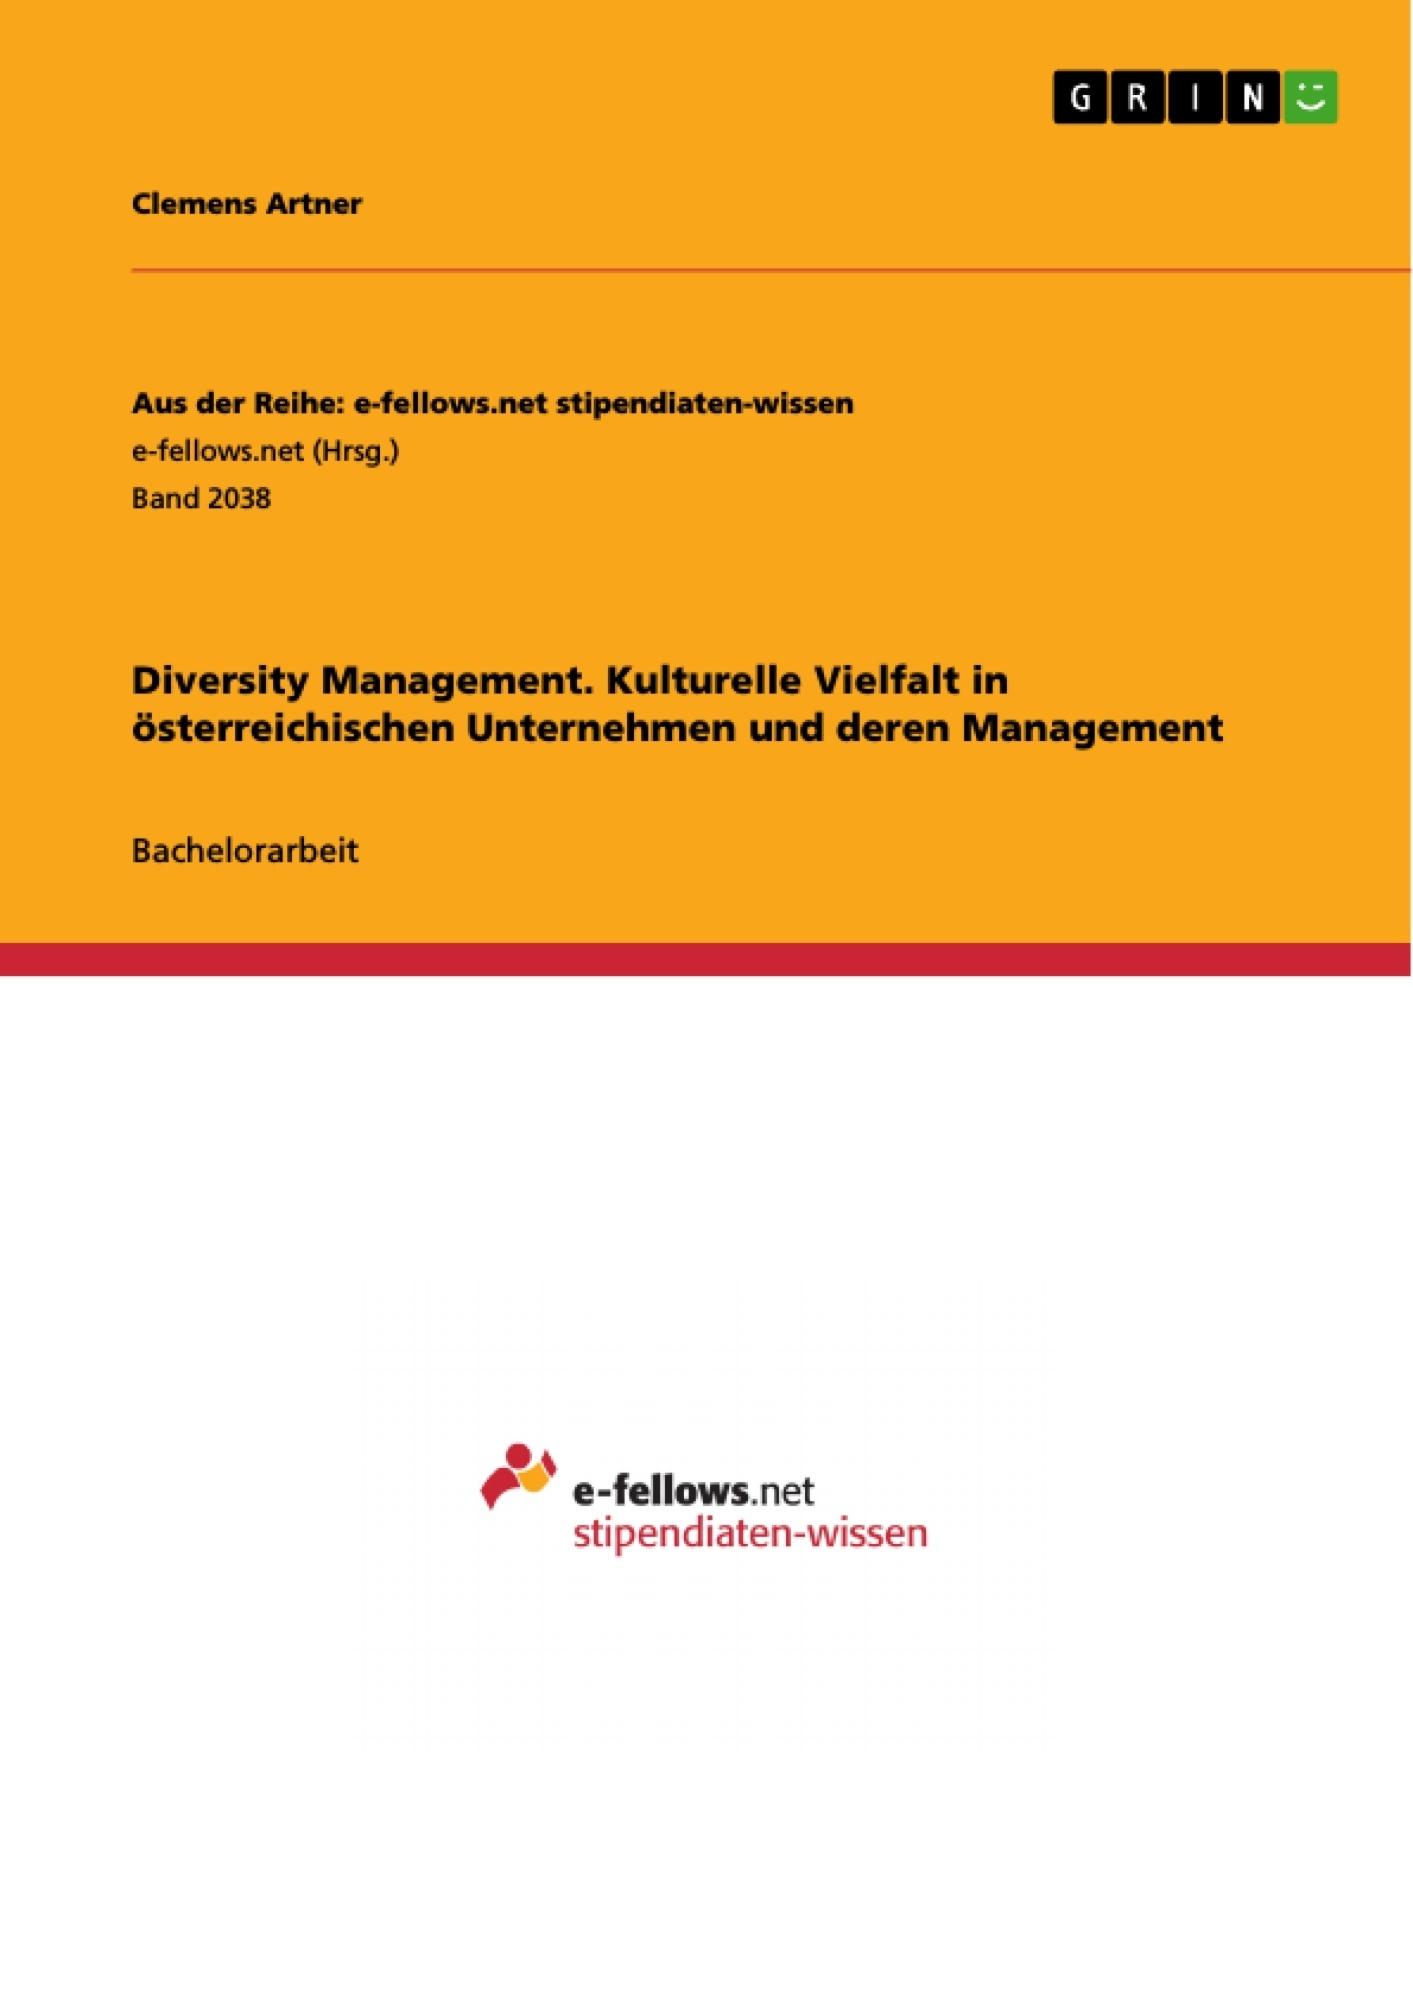 Titel: Diversity Management. Kulturelle Vielfalt in österreichischen Unternehmen und deren Management